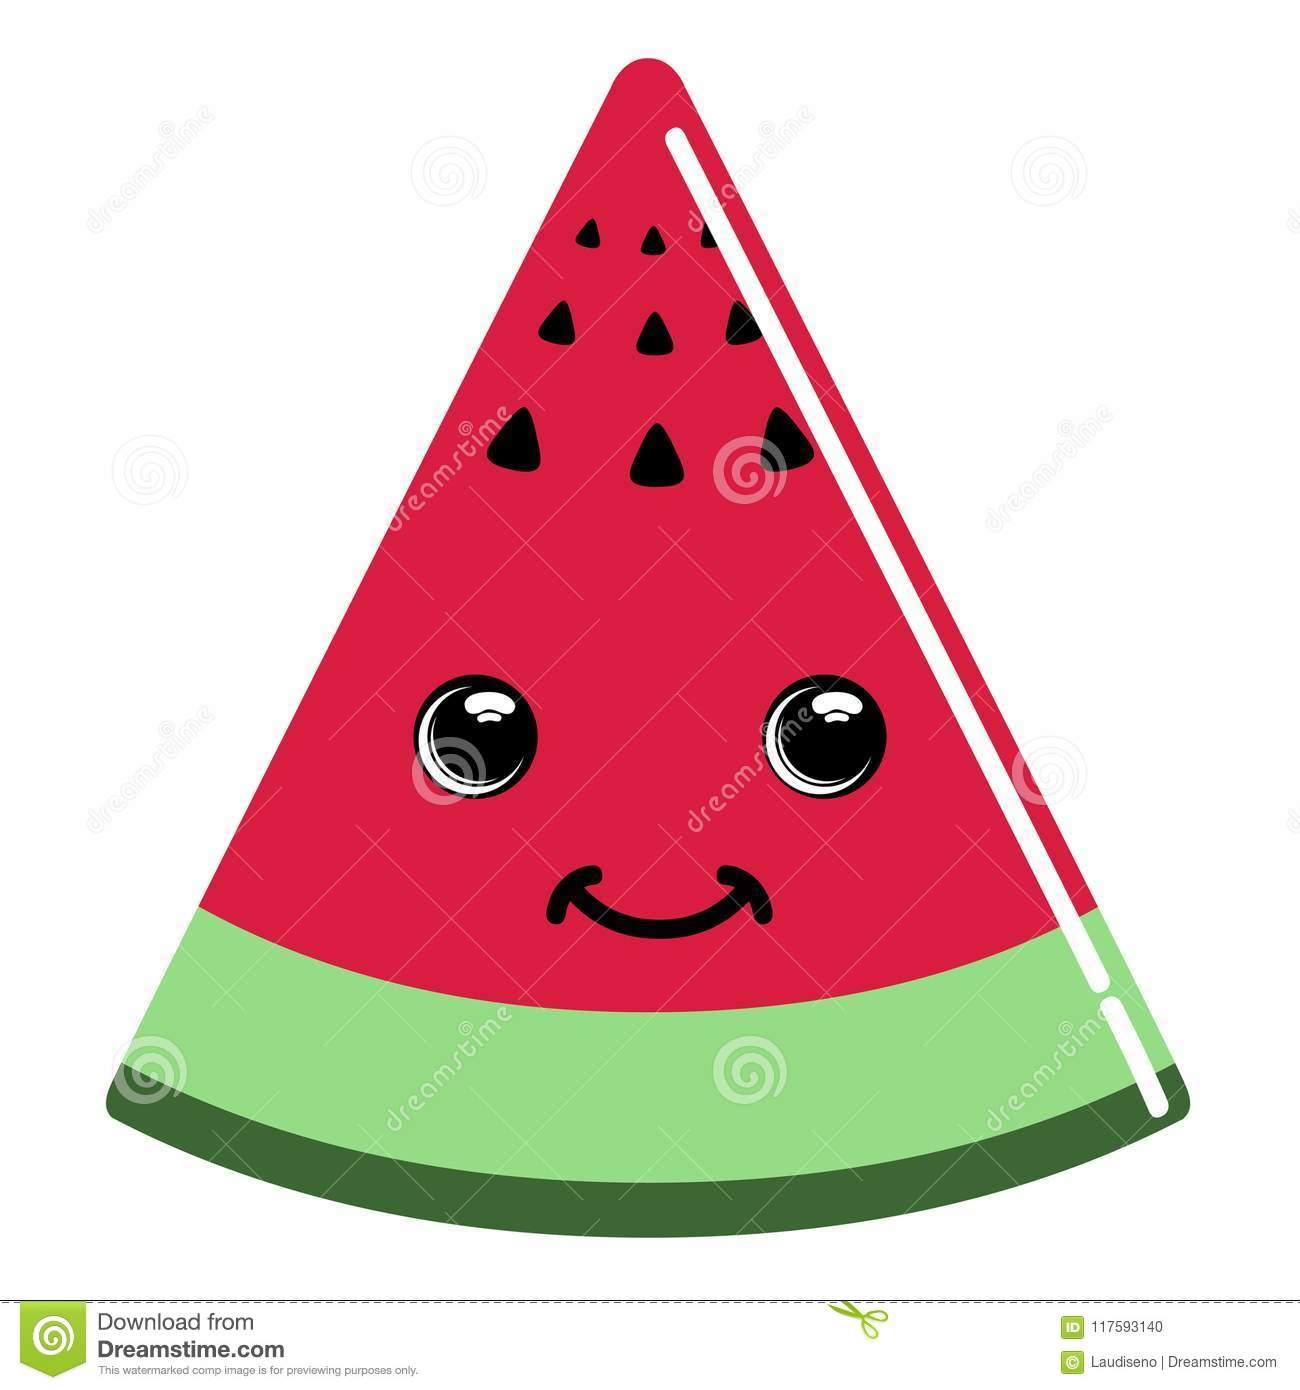 Cute watermelon emoticon stock vector. Illustration of icon.